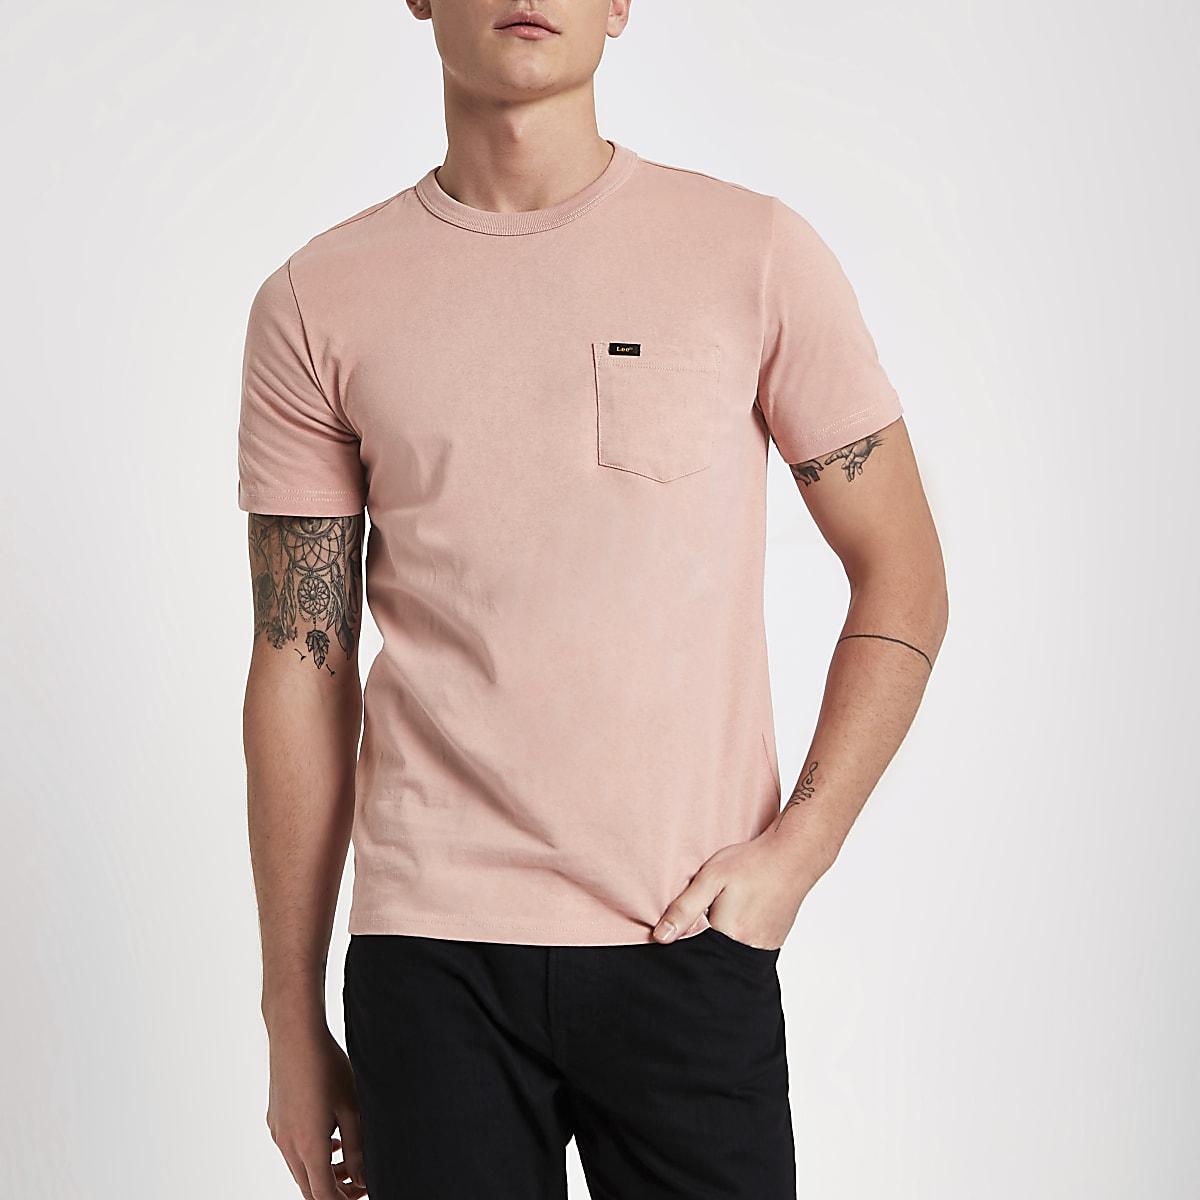 Lee pink pocket crew neck T-shirt